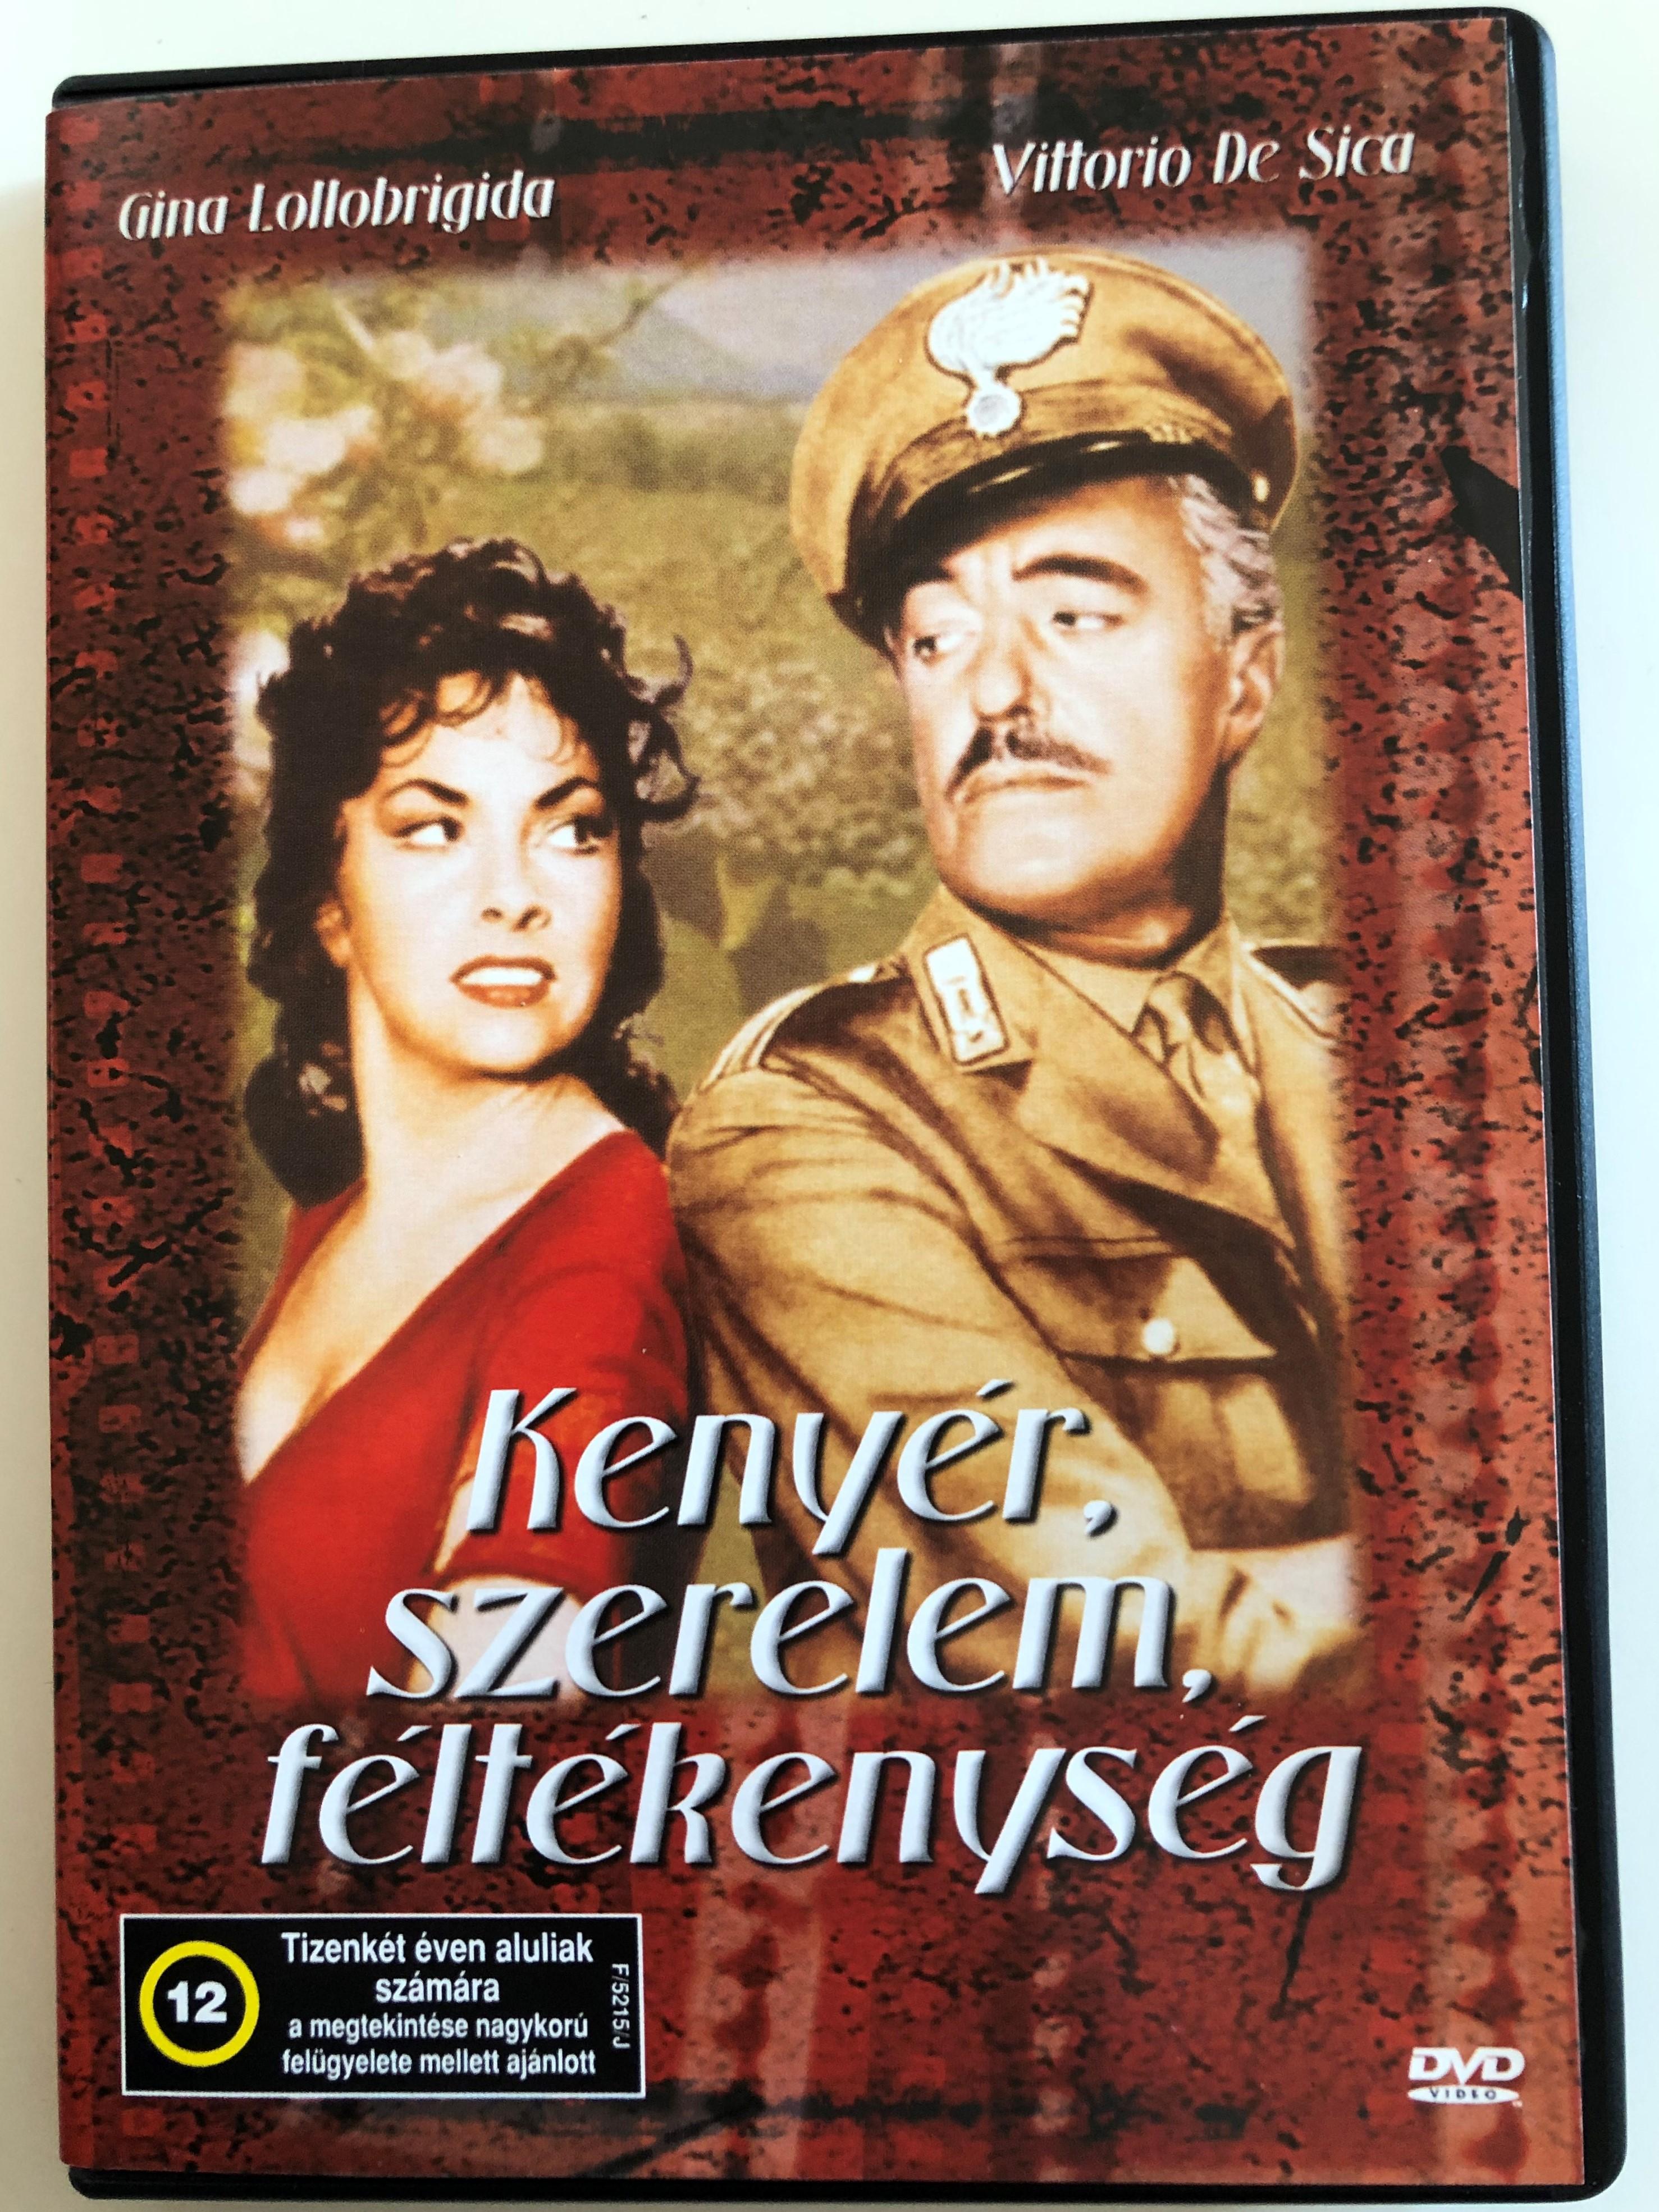 pane-amore-e-gelosia-dvd-1954-keny-r-szerelem-f-lt-kenys-g-1.jpg